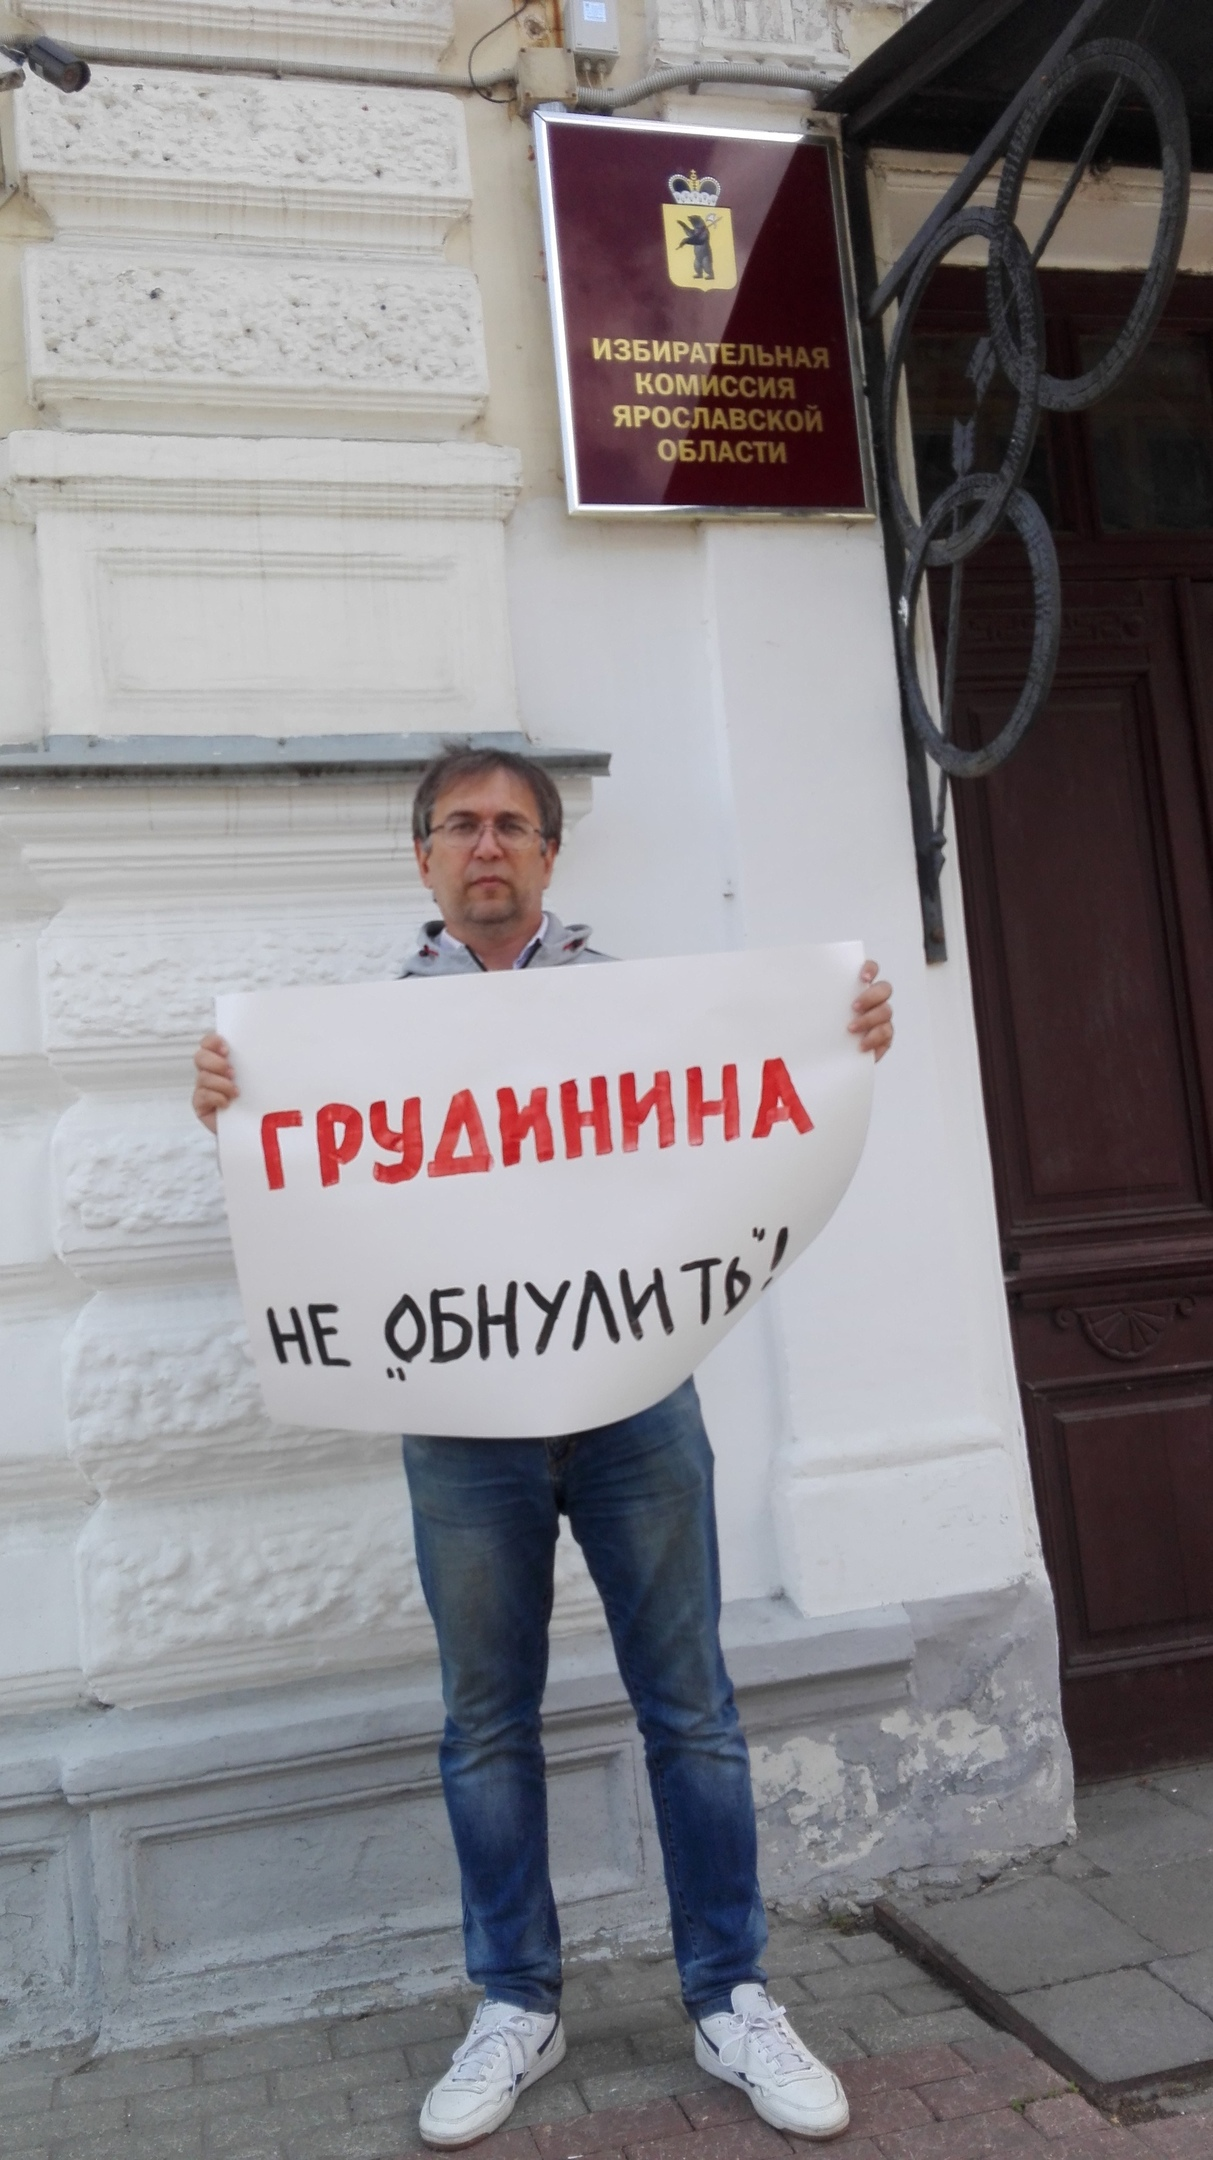 Ярославские коммунисты выступили против снятия с выборов в Госдуму П.Н. Грудинина